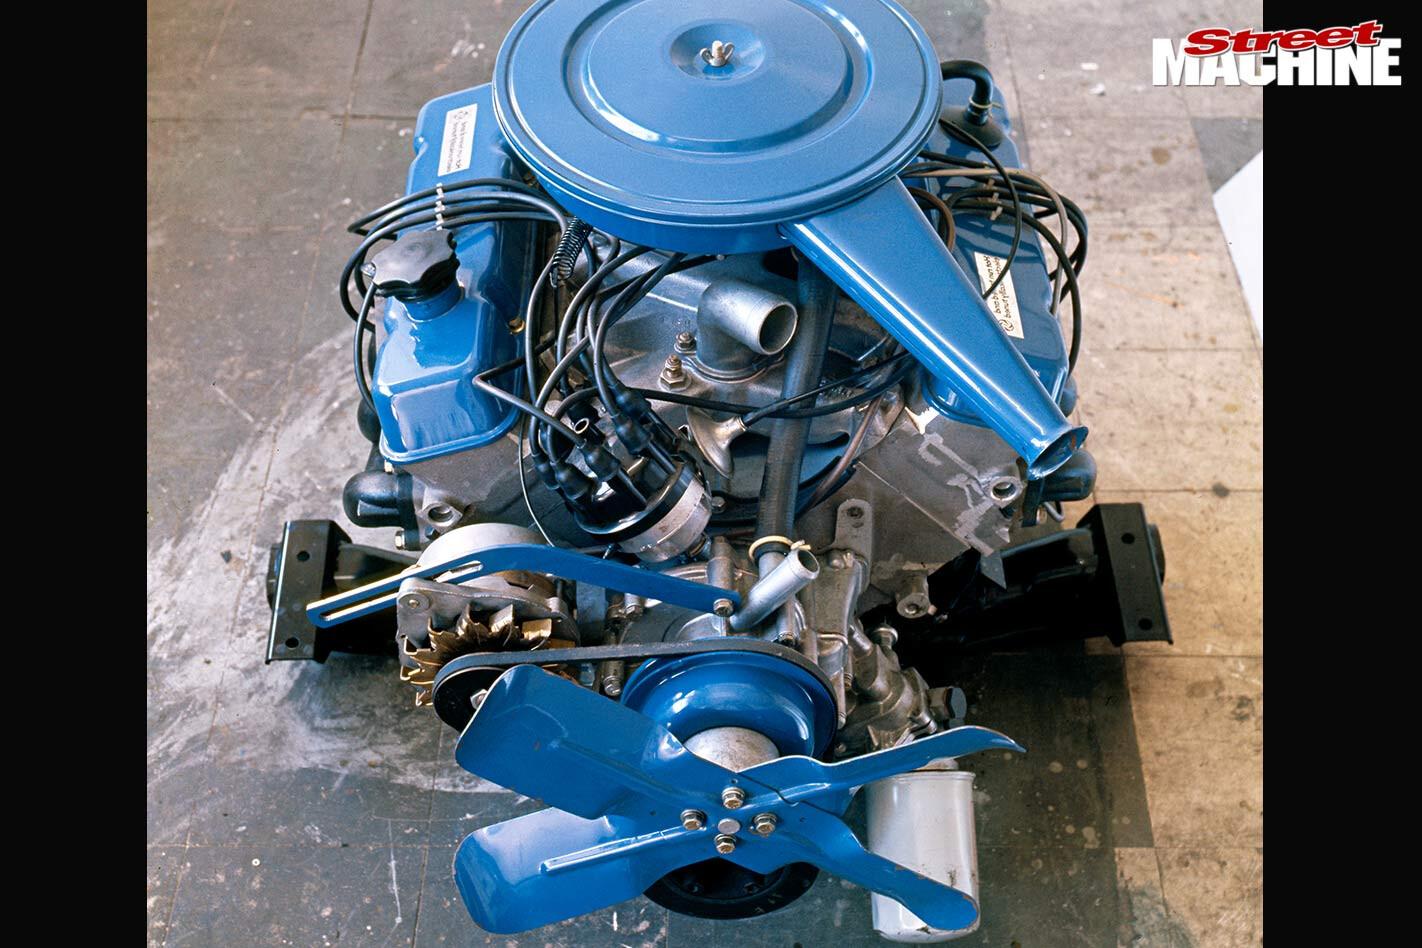 Leyland P76 engine